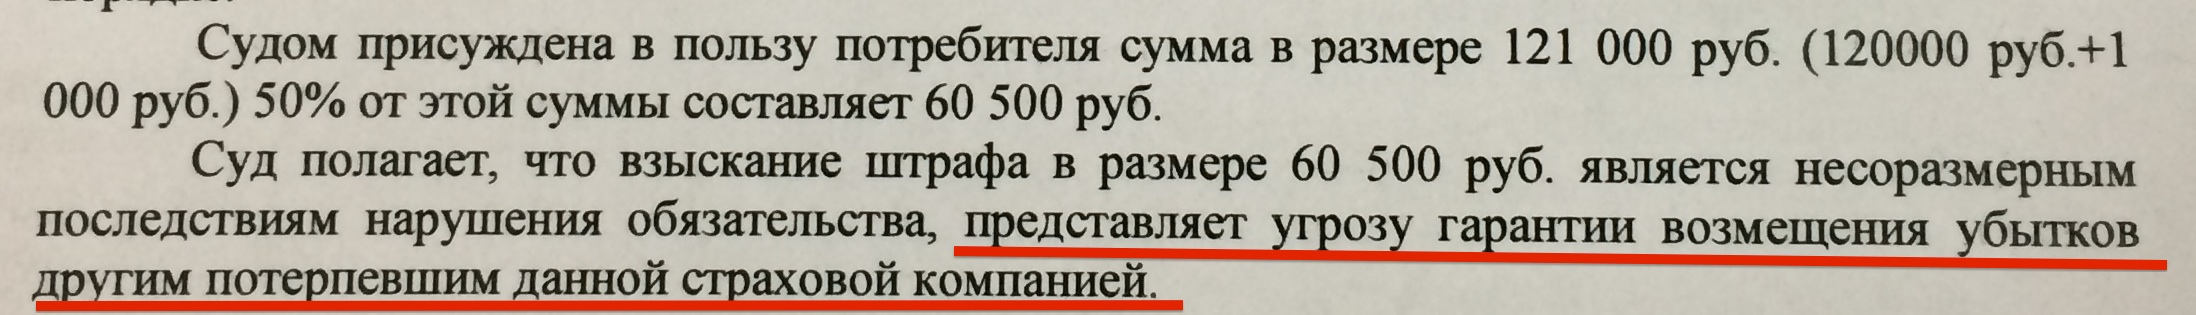 трубчинский снижает штраф Росгосстраху